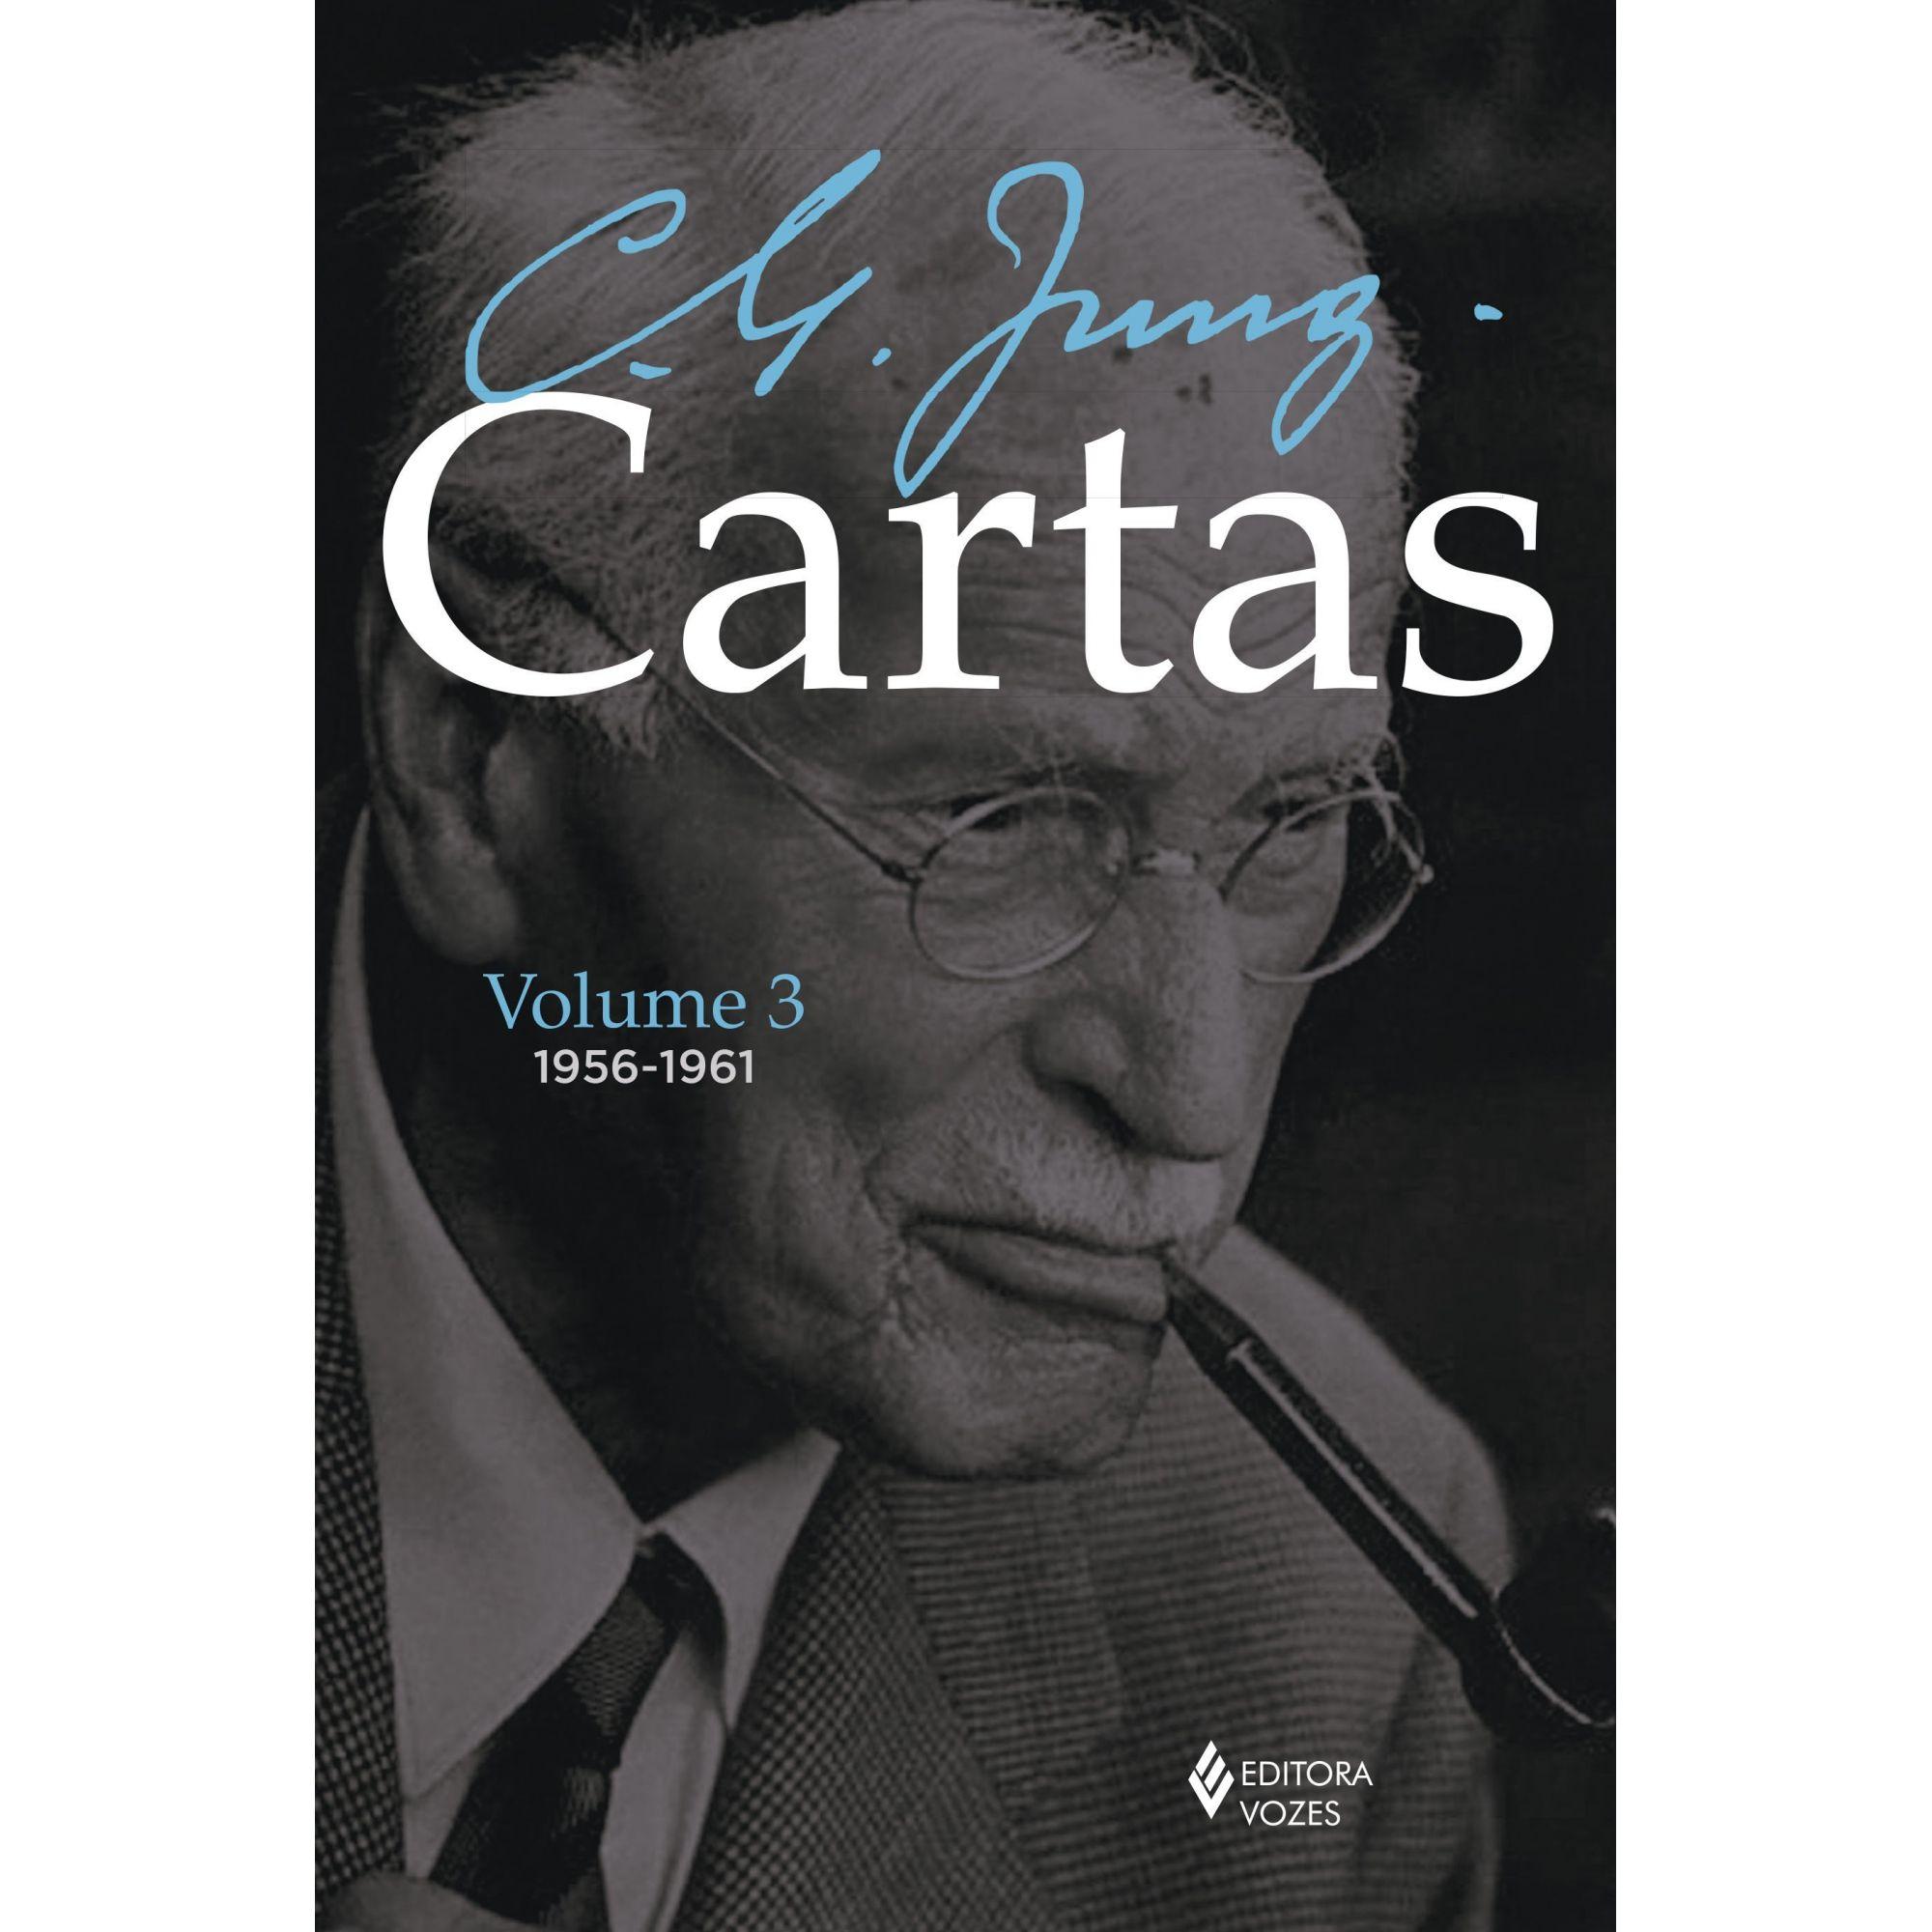 Cartas de C. G. Jung